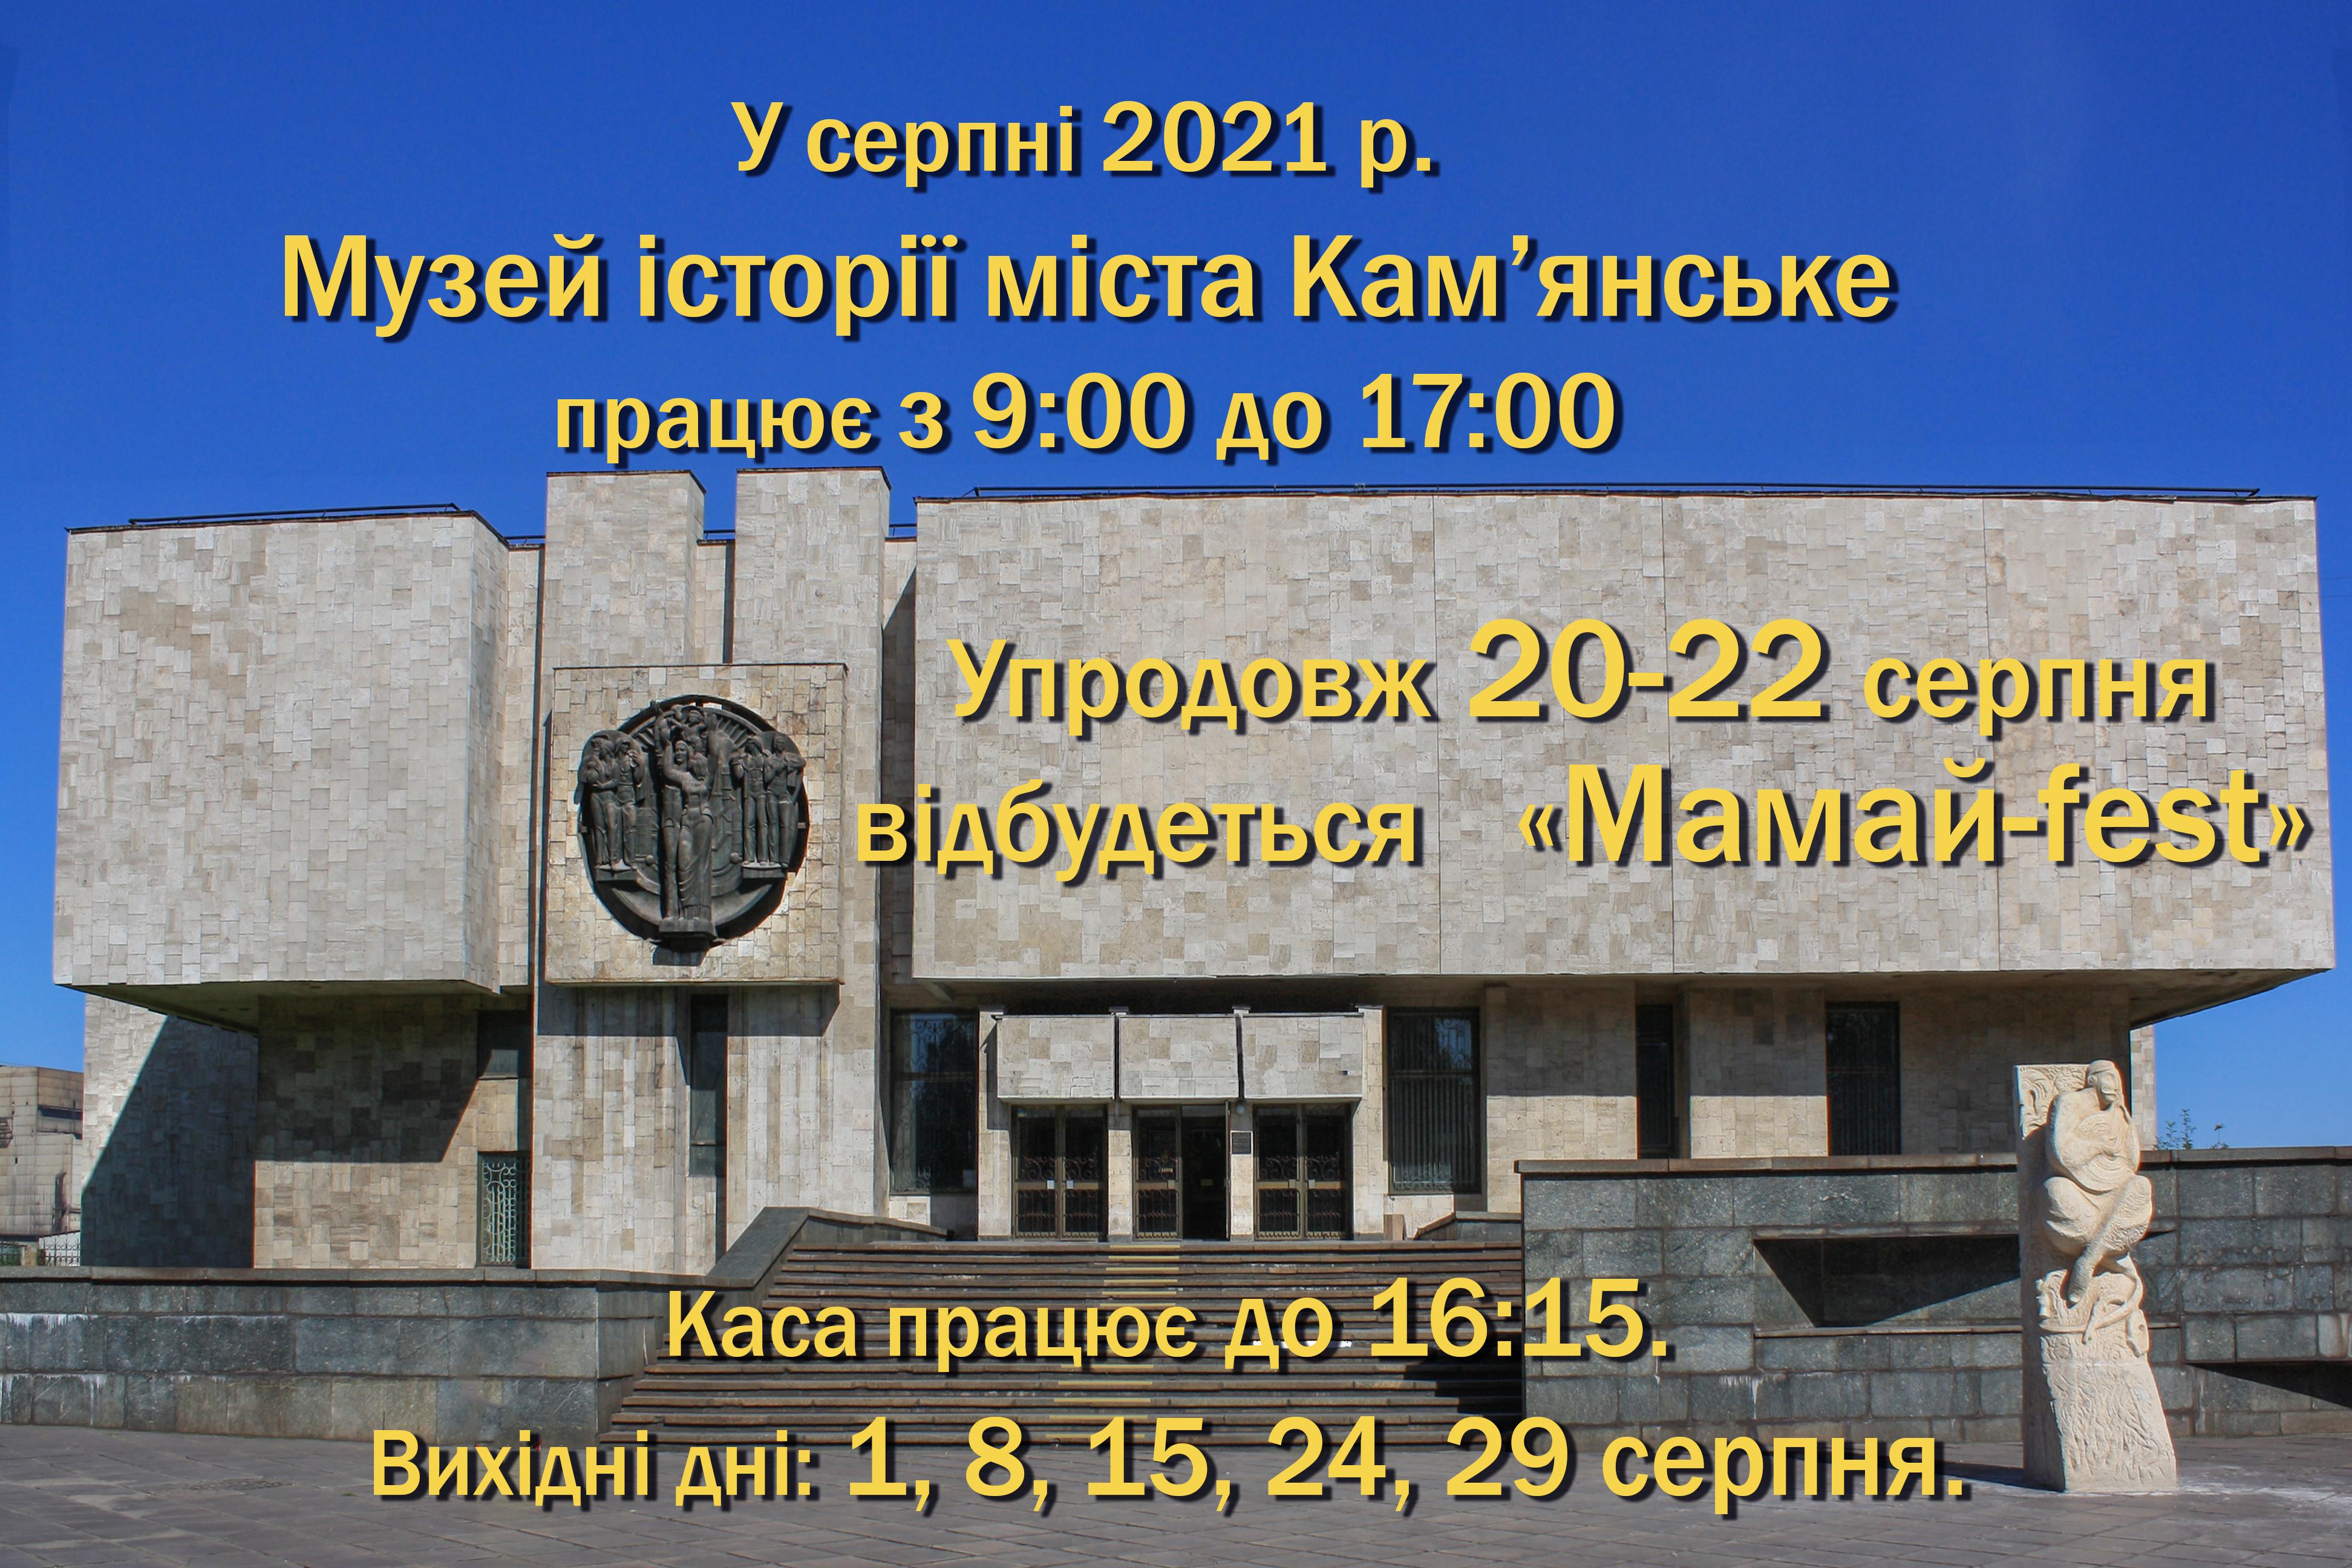 Музей історії міста працює у серпні